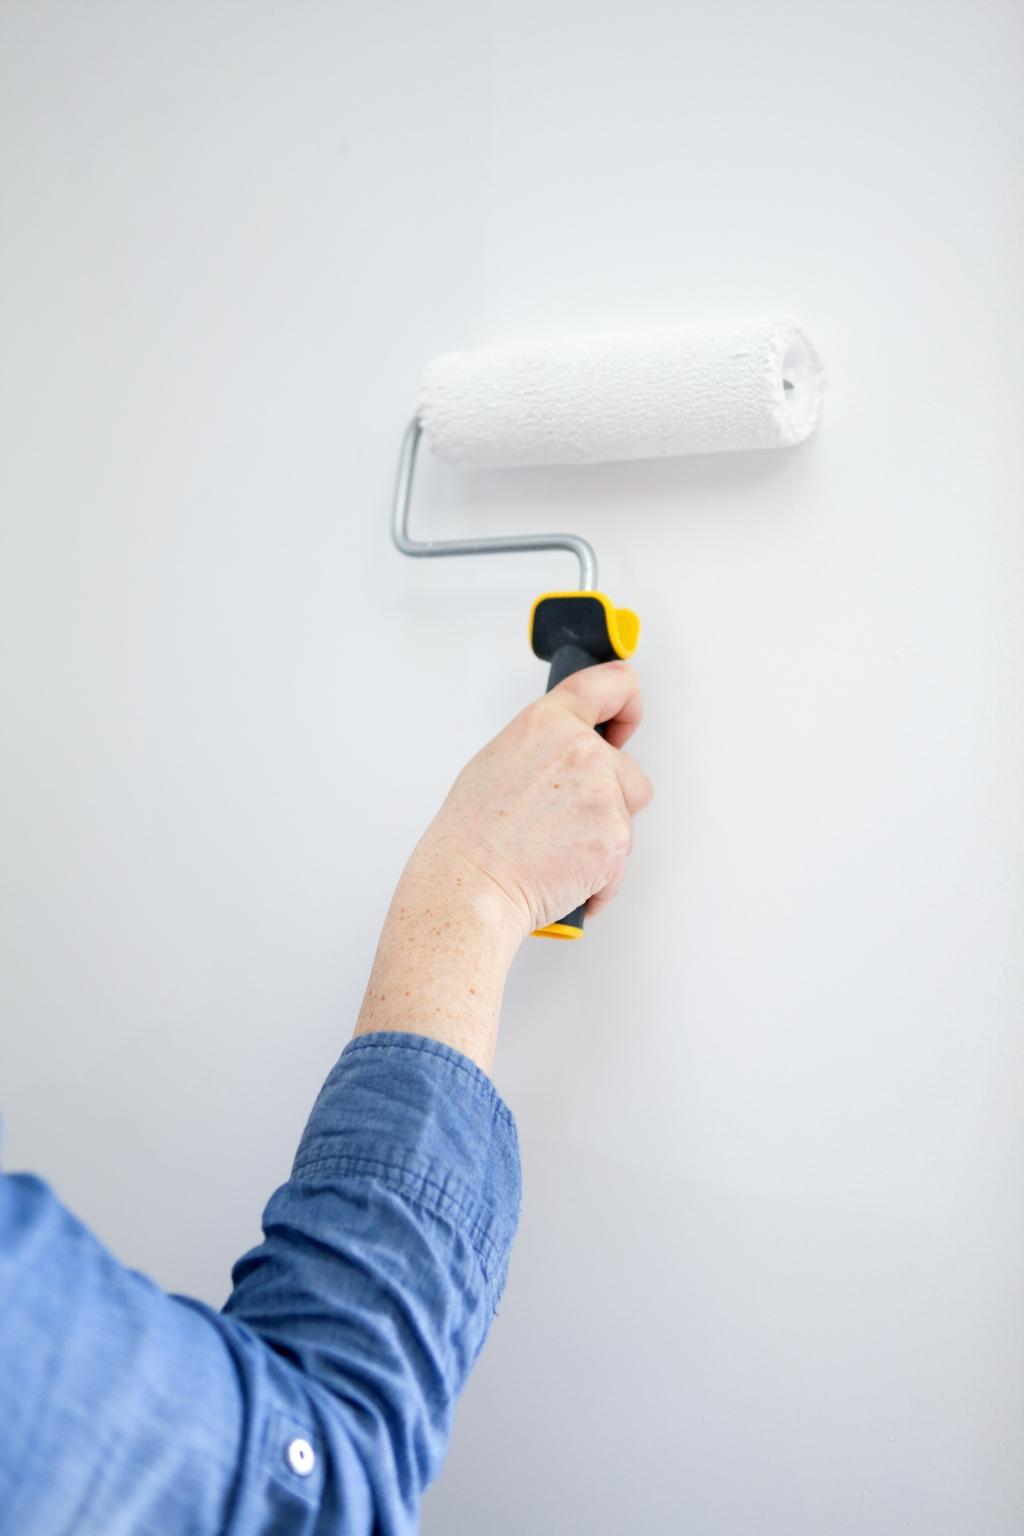 Peindre des murs avec de la peinture anti bruit - Étape 4